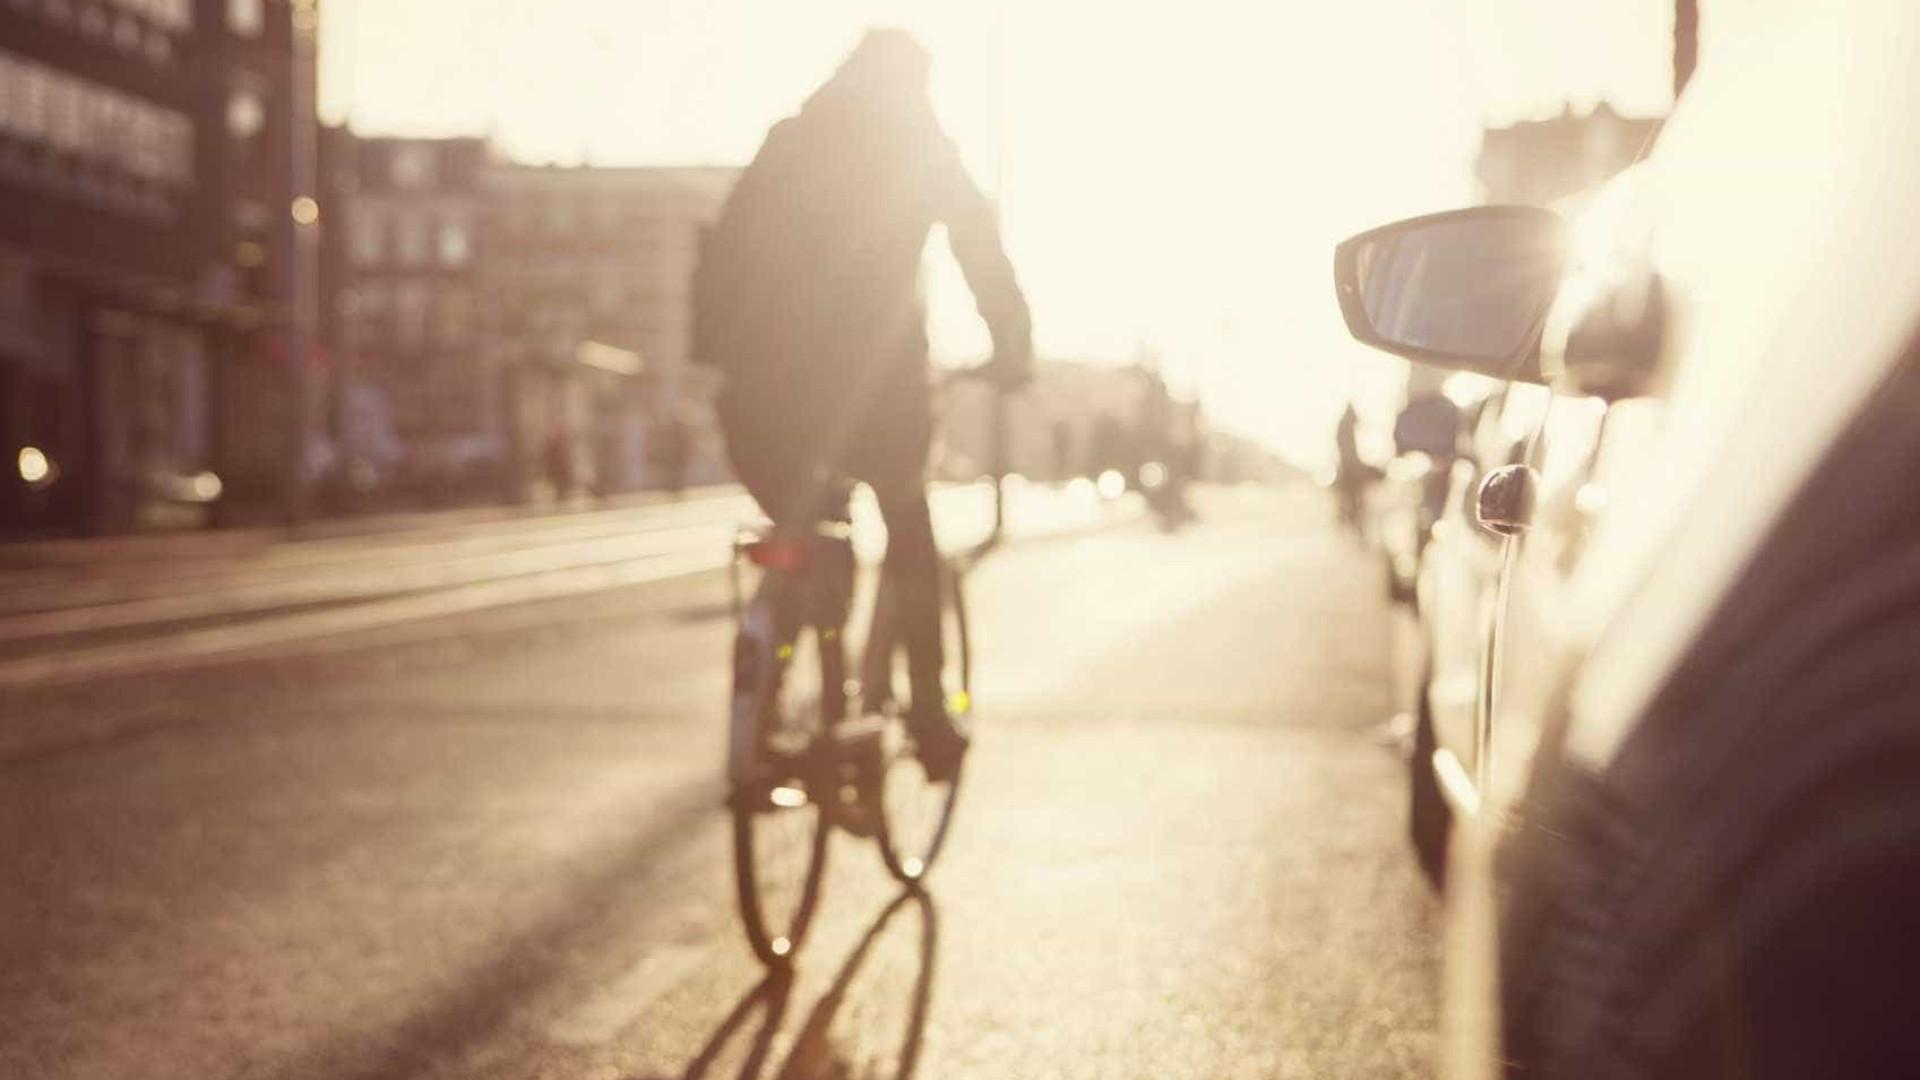 Afinal, ir de bicicleta para o trabalho é mais perigoso do que parece